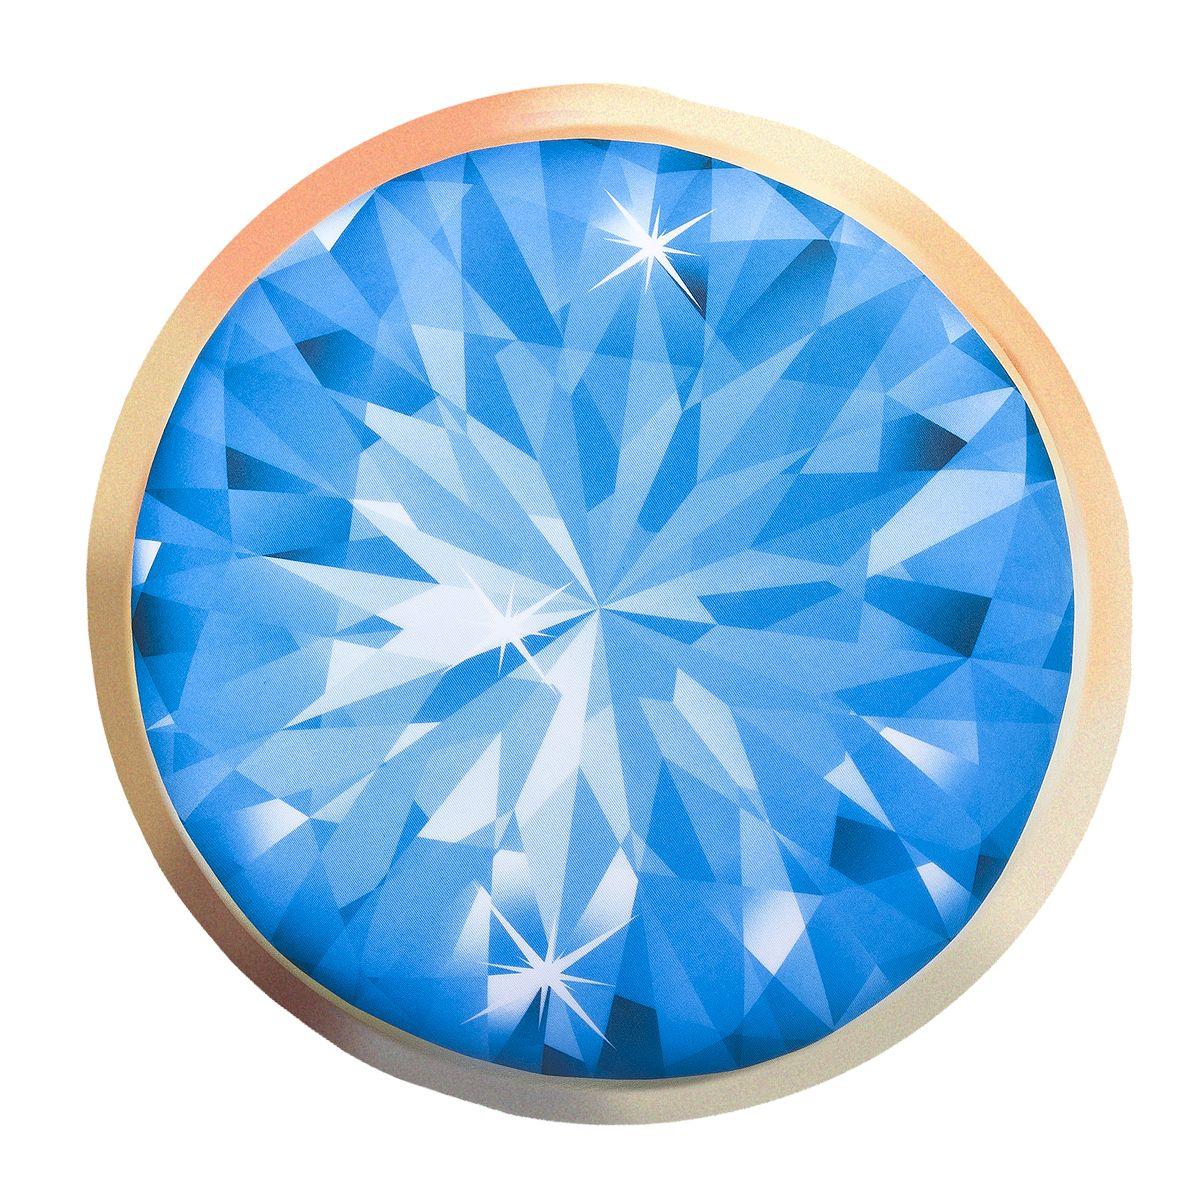 Подушка-антистресс Home Queen Диамант, круглая, цвет: голубой, 30 х 30 см1004900000360Круглая подушка-антистресс Home Queen Диамант - это не только лучший способ снять напряжение, но и оригинальный аксессуар для интерьера. Изделие пластичное и приятное на ощупь. Чехол из трикотажной ткани (15% полиуретан, 85% нейлон) оформлен ярким изображением алмаза. Внутри - антистрессовый полистироловый наполнитель. Подушка-антистресс - идеальный рецепт хорошего настроения и здорового сна! Она подарит тактильную радость и станет аккумулятором хорошего настроения.